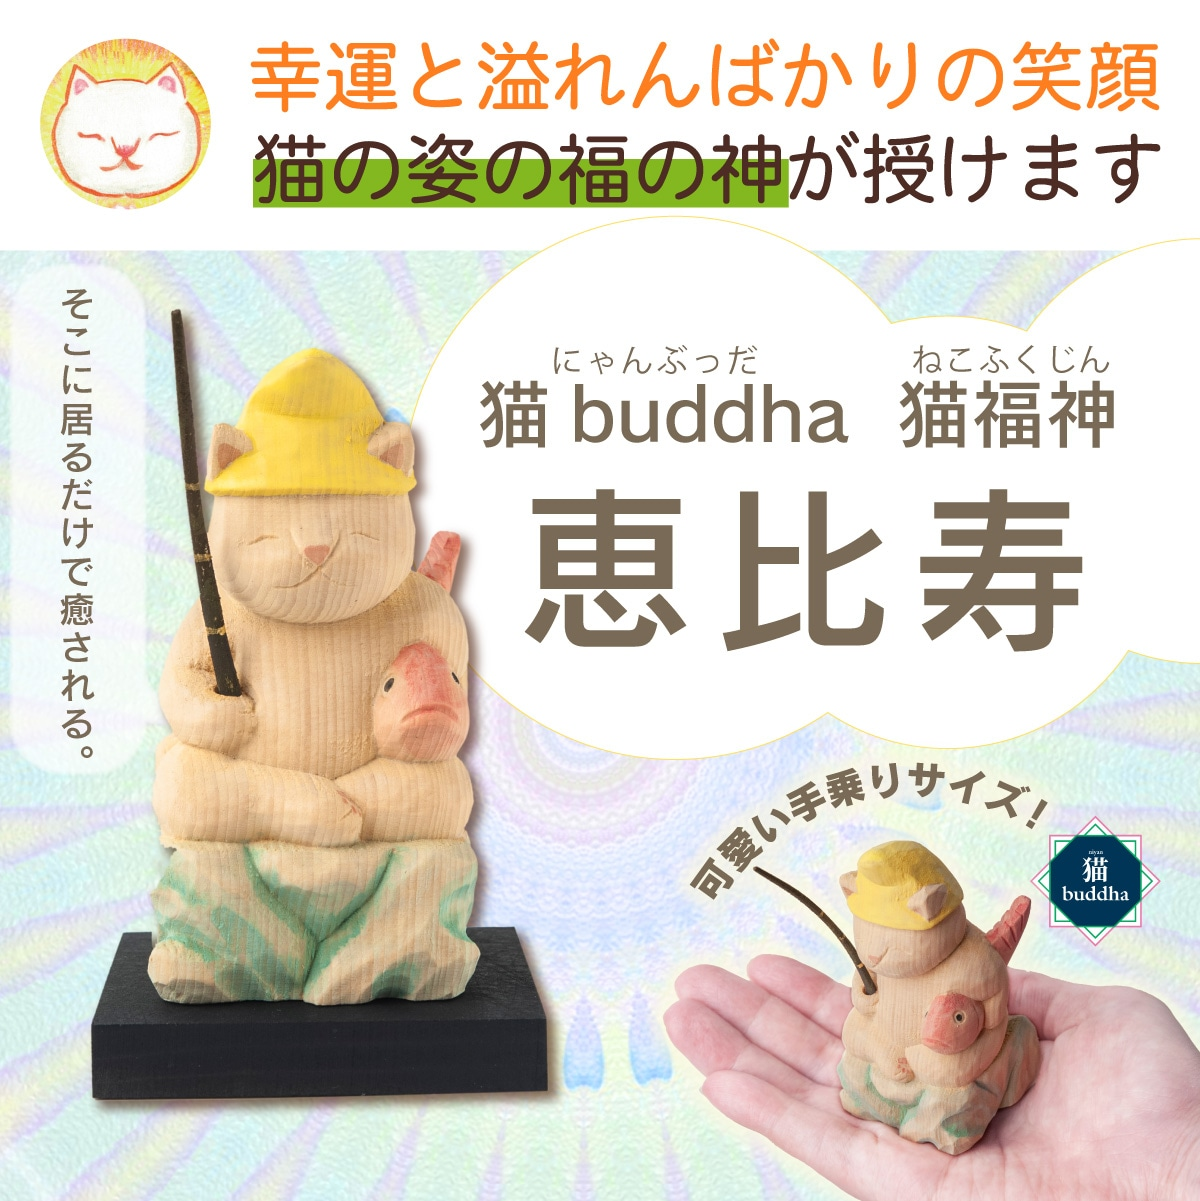 猫buddha 猫福神 恵比寿 開運グッズ